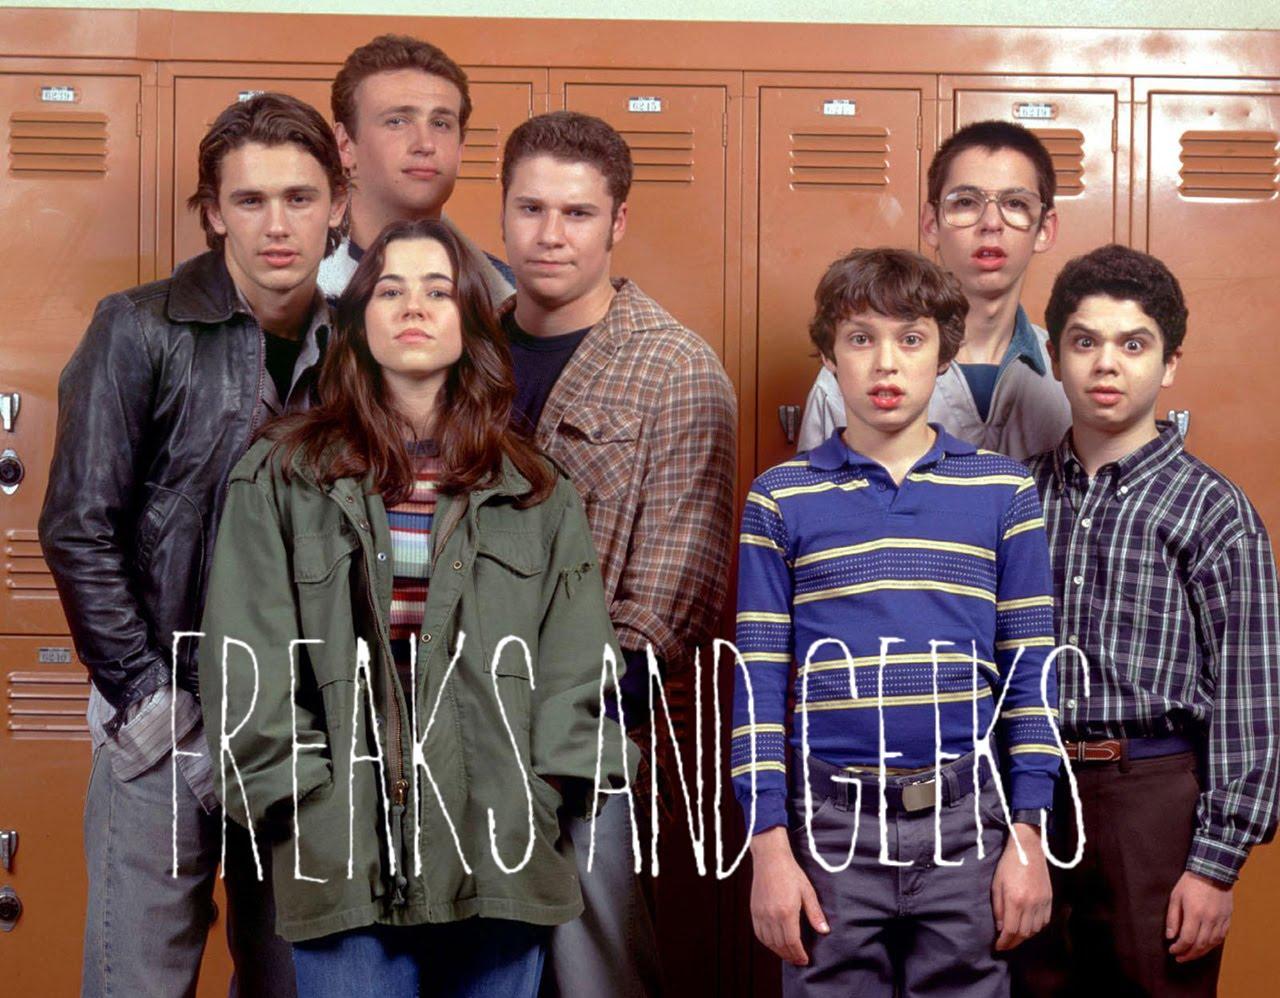 Freaks and Geeks, criada por Paul Feig, produzida por Judd Apatow, lançou a carreira de vários de seus protagonistas.